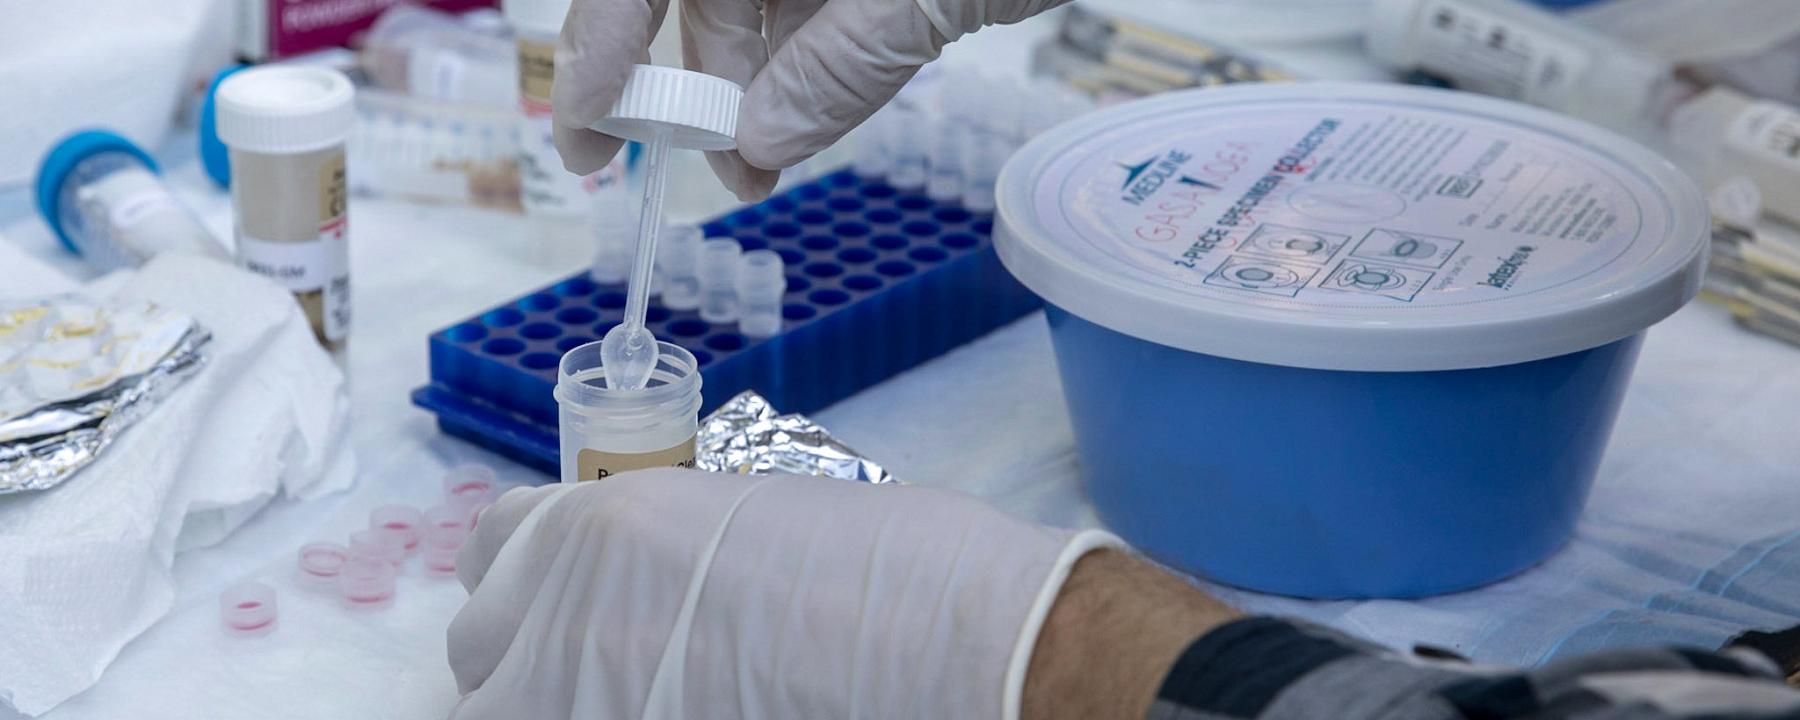 Gene Exchange Among Gut Bacteria Is Linked to Industrialization